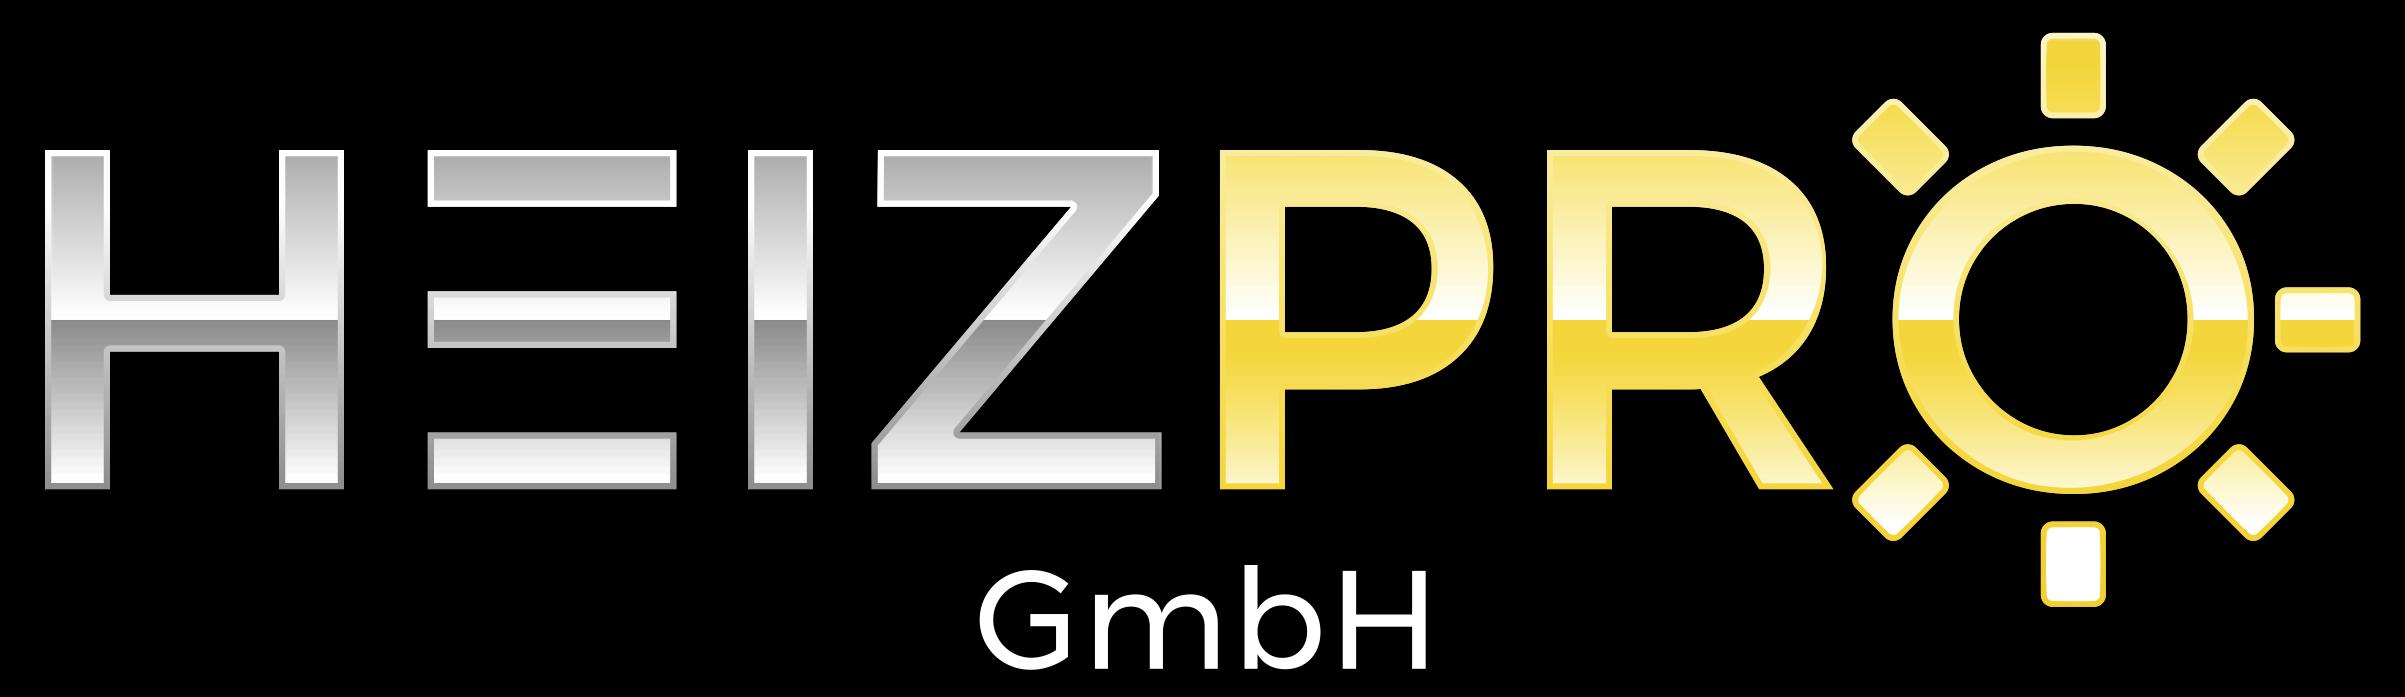 Heizpro GmbH